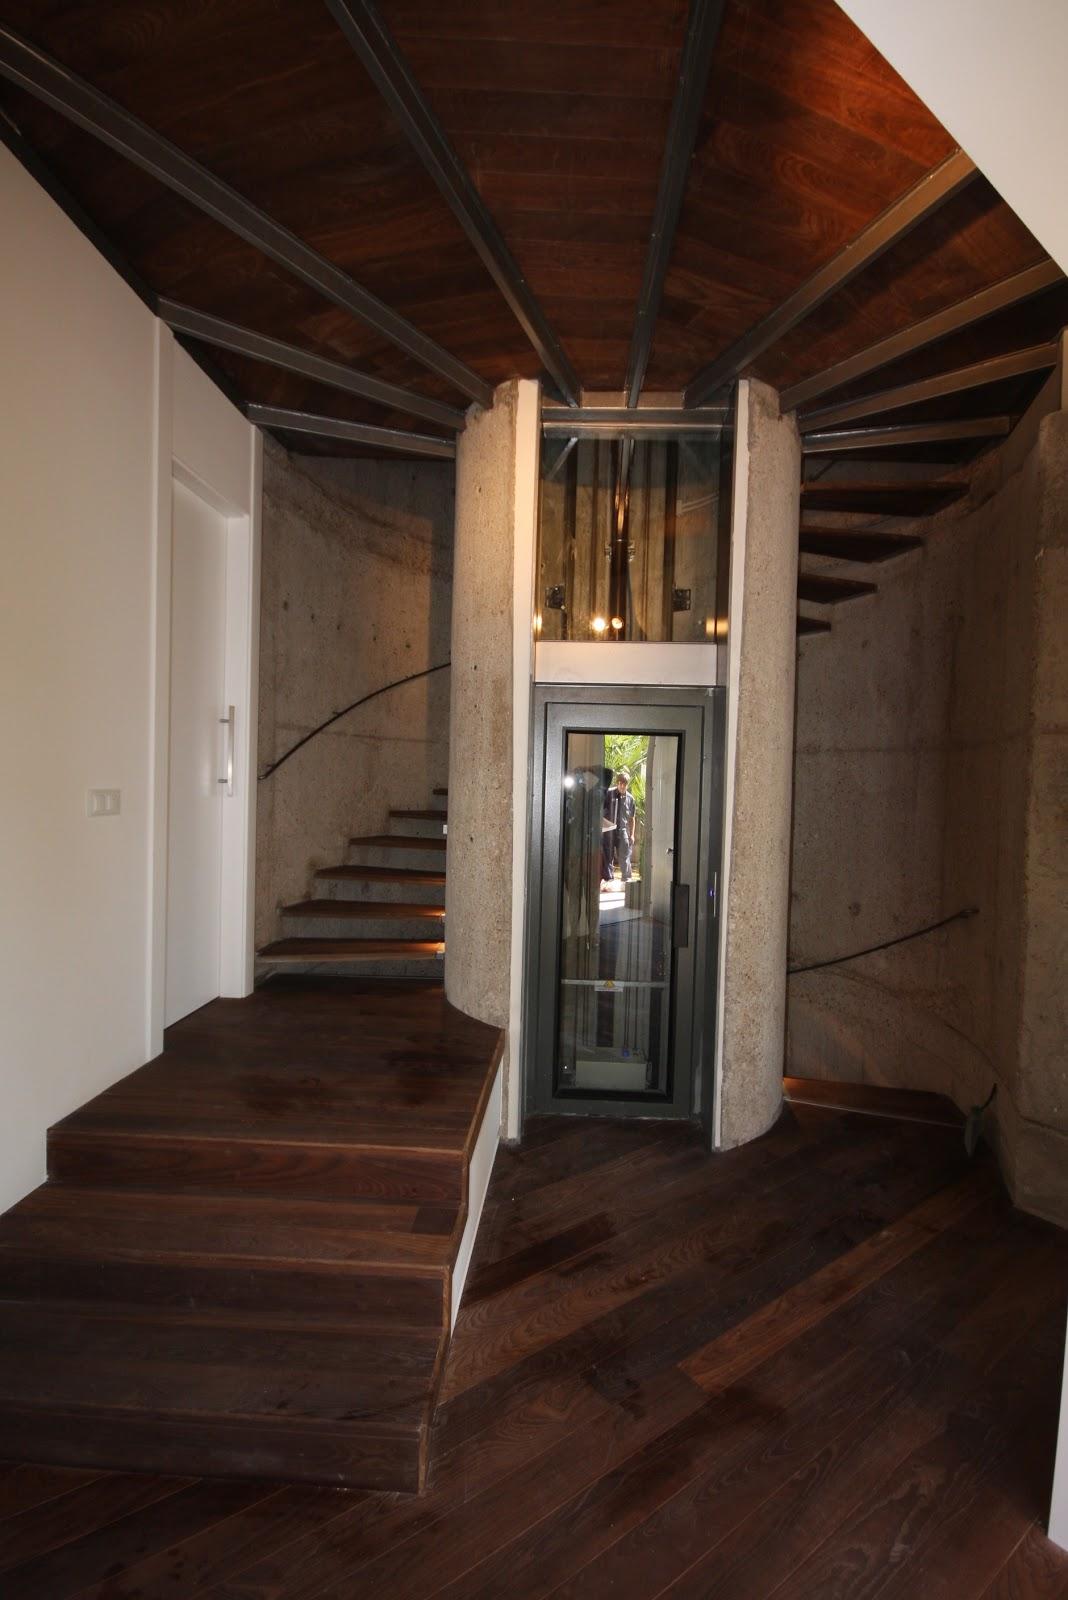 Marta decoycina escaleras de altura - Pintura para escaleras ...